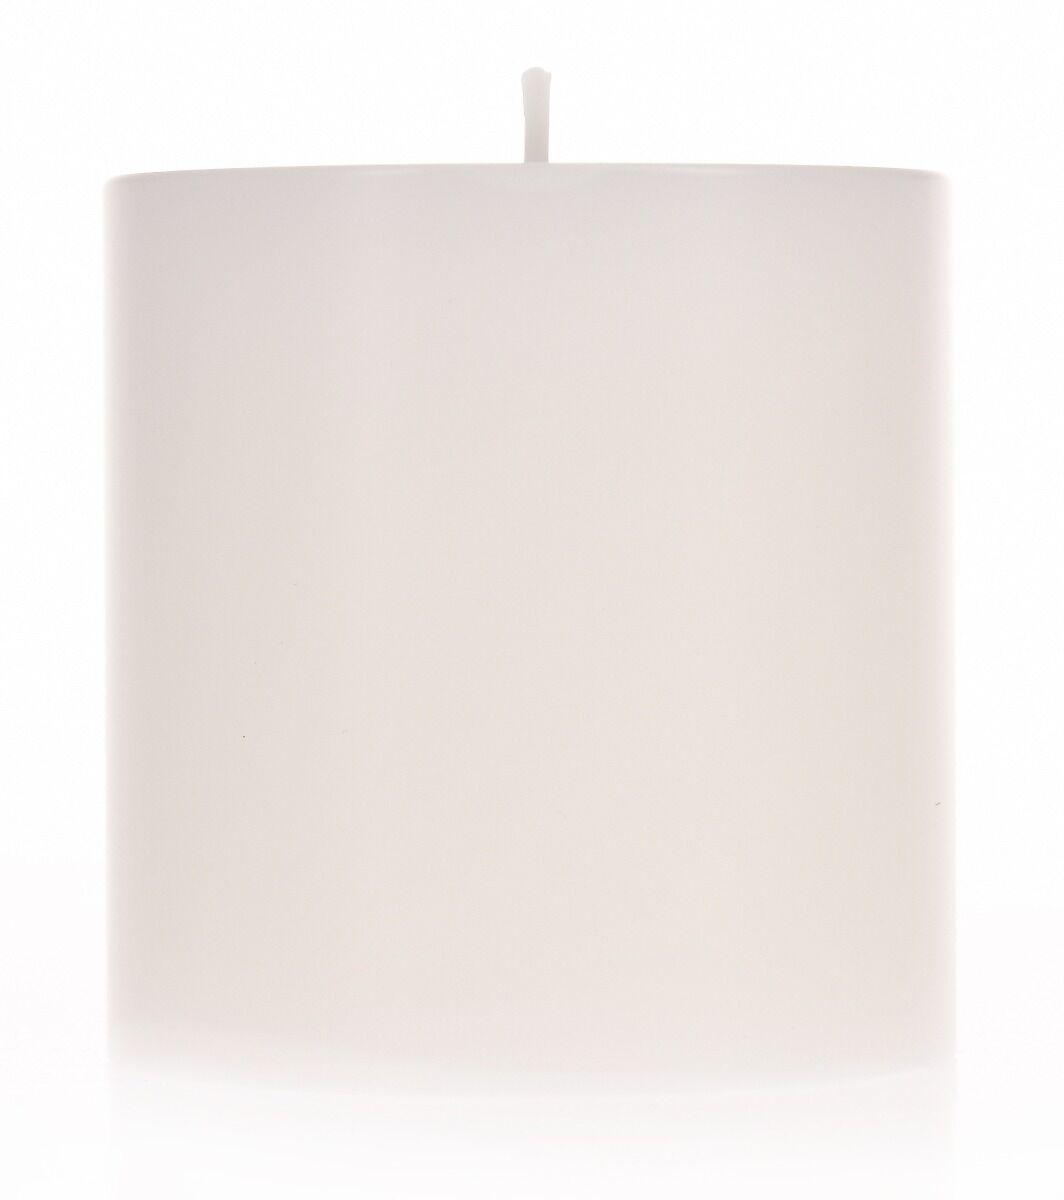 Świeca LUX na tealighty 7x7cm